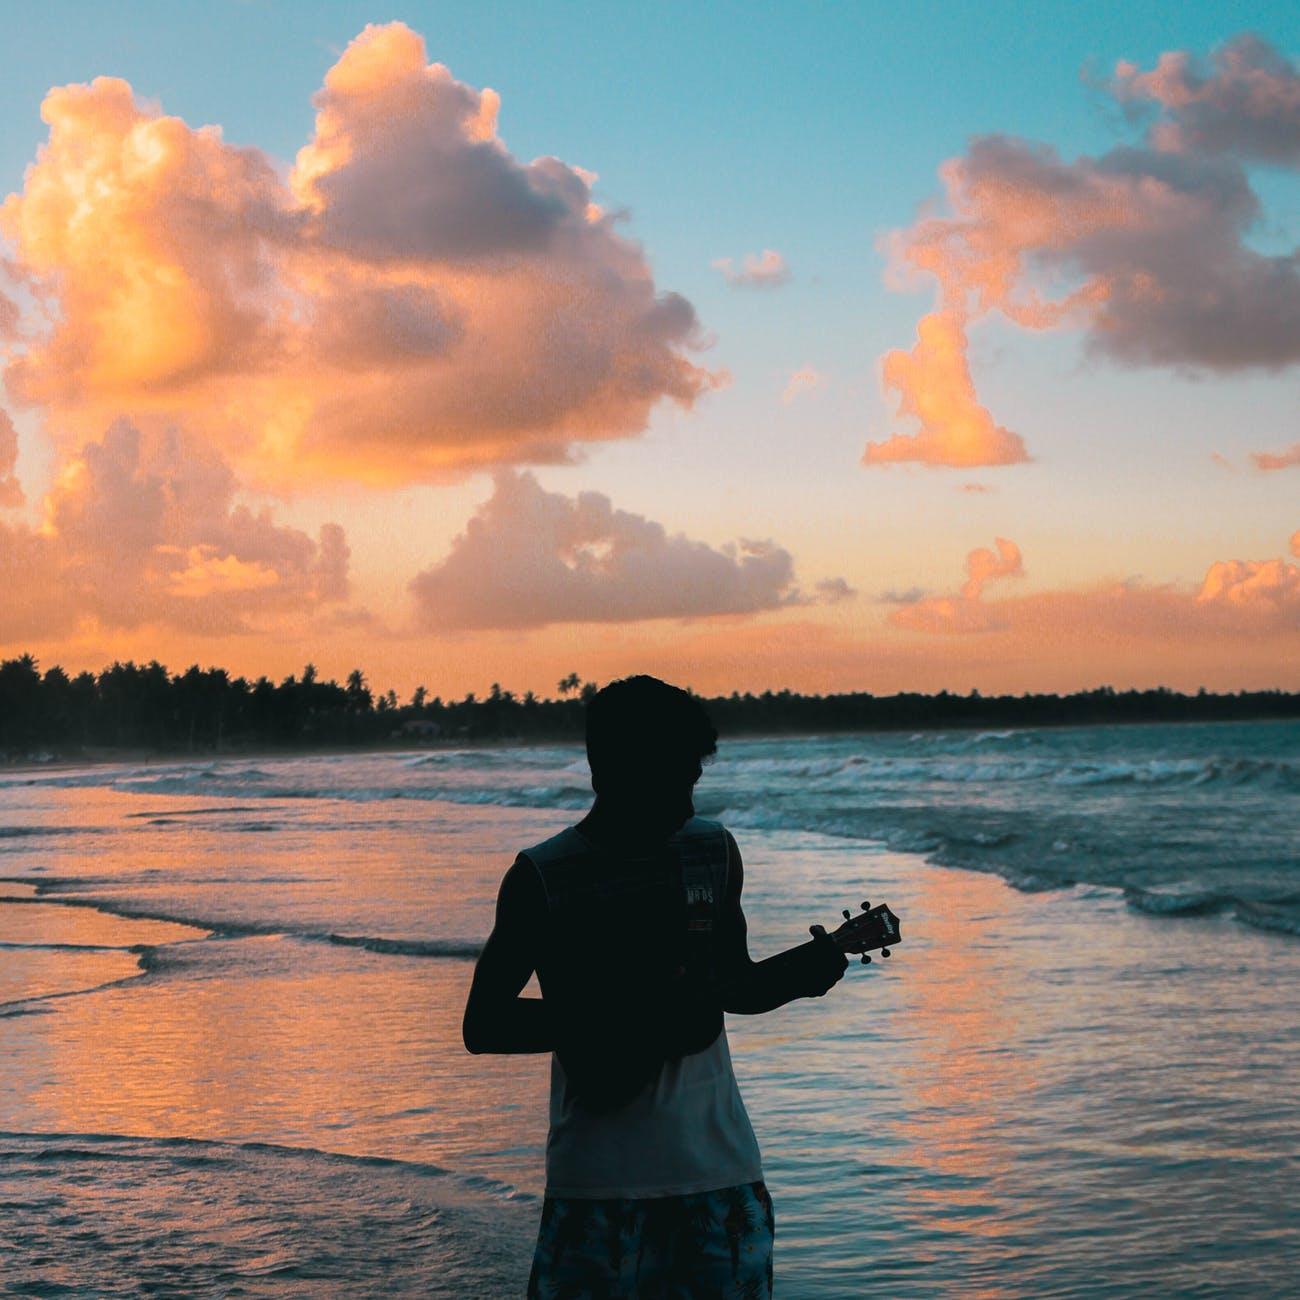 الاستماع والتذوق الموسيقي